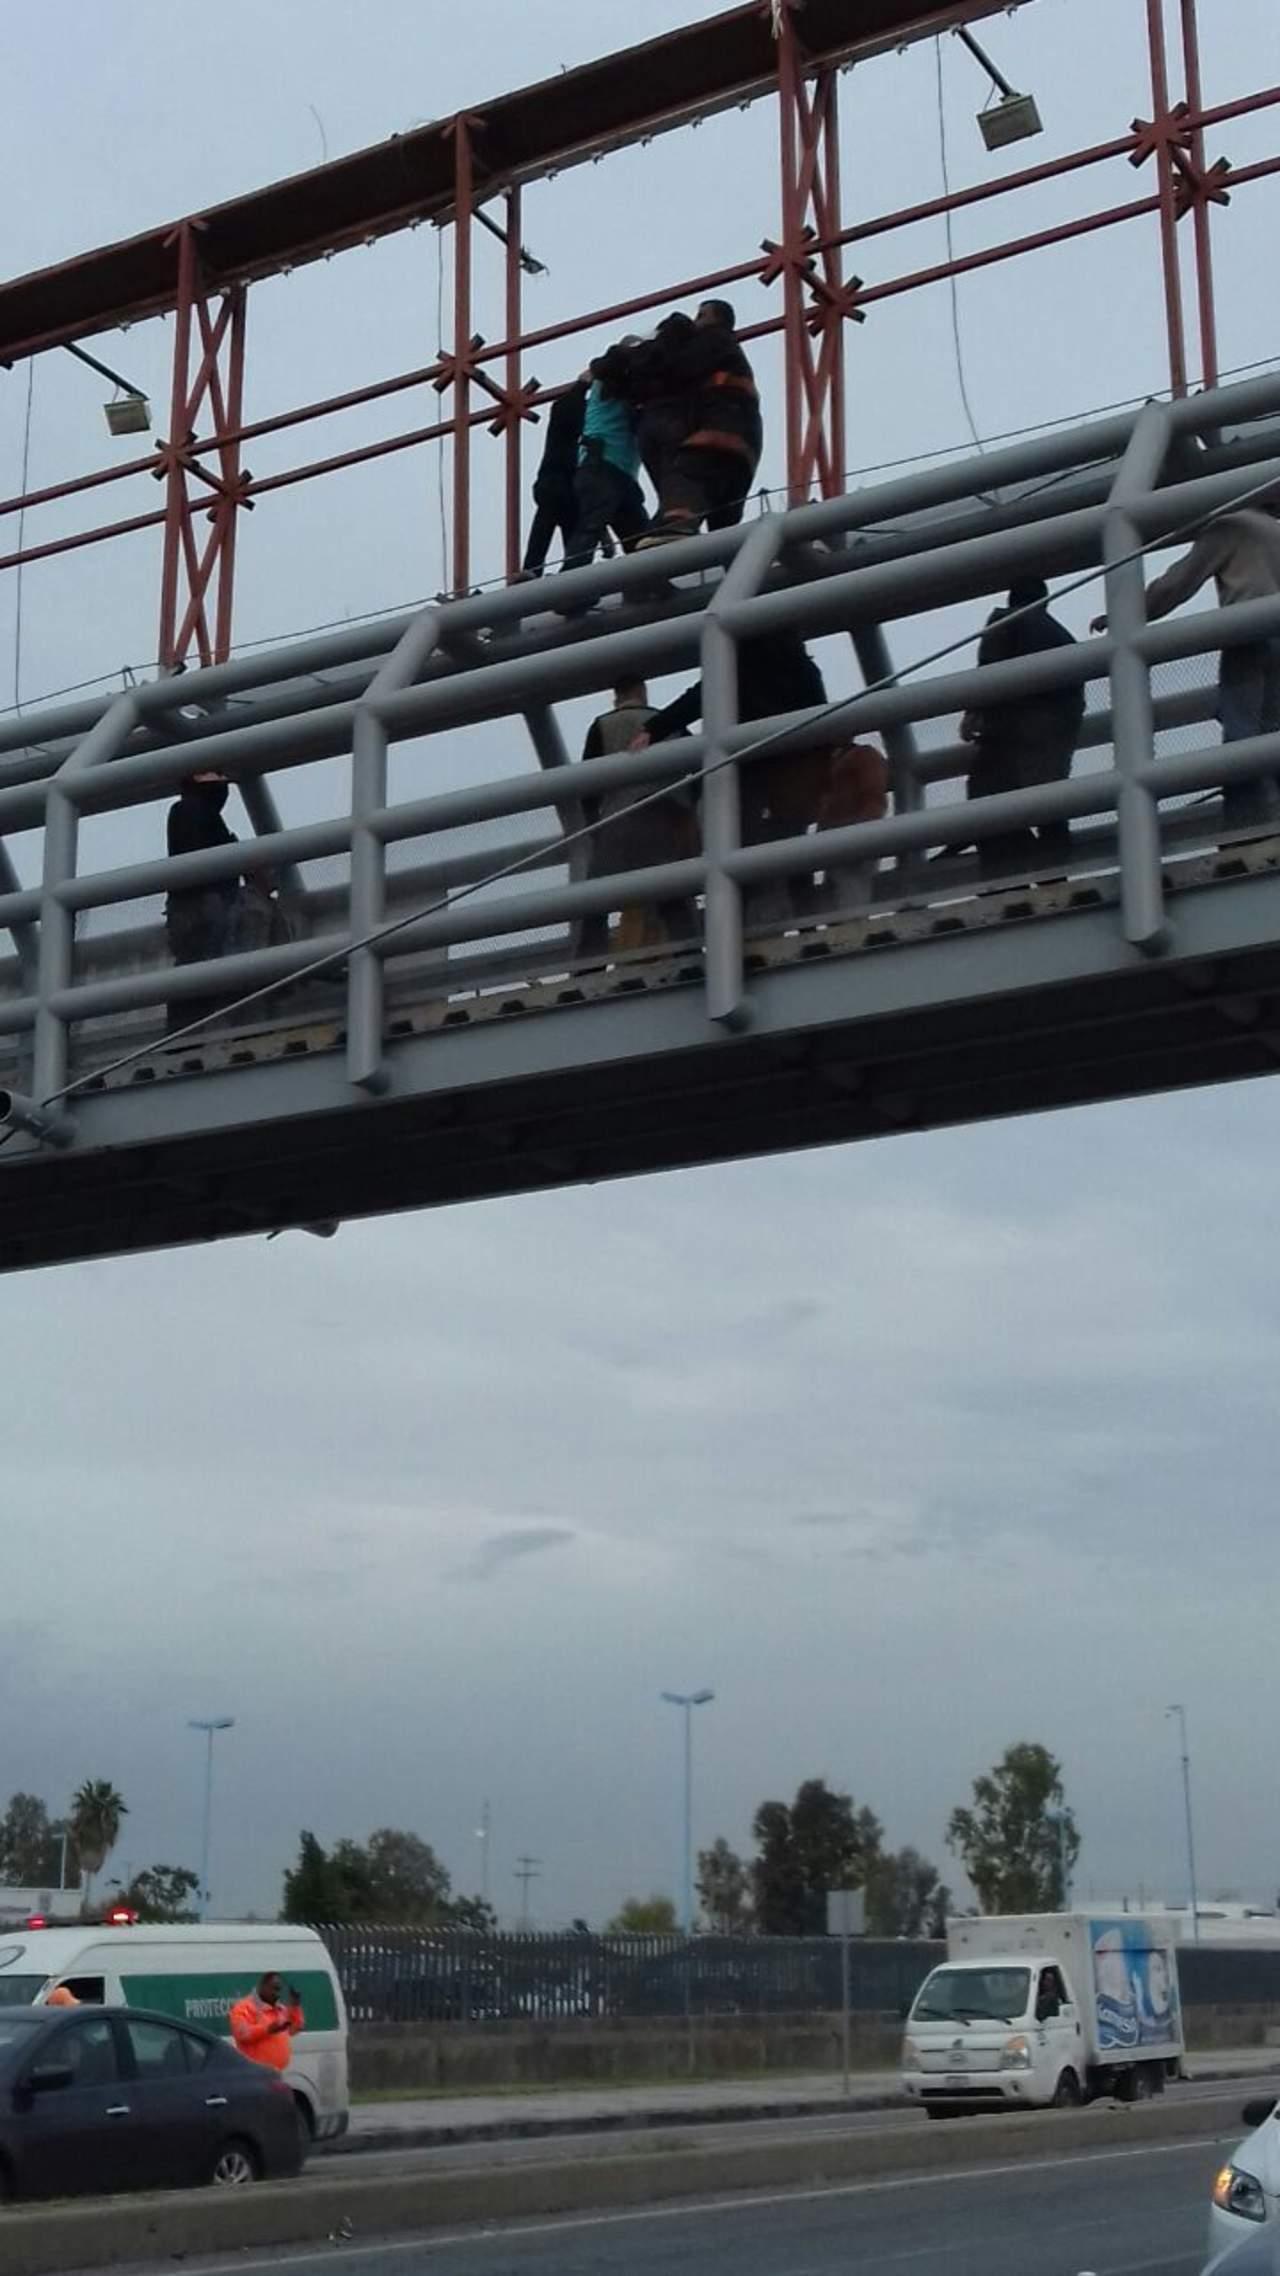 Menor intenta arrojarse de un puente peatonal